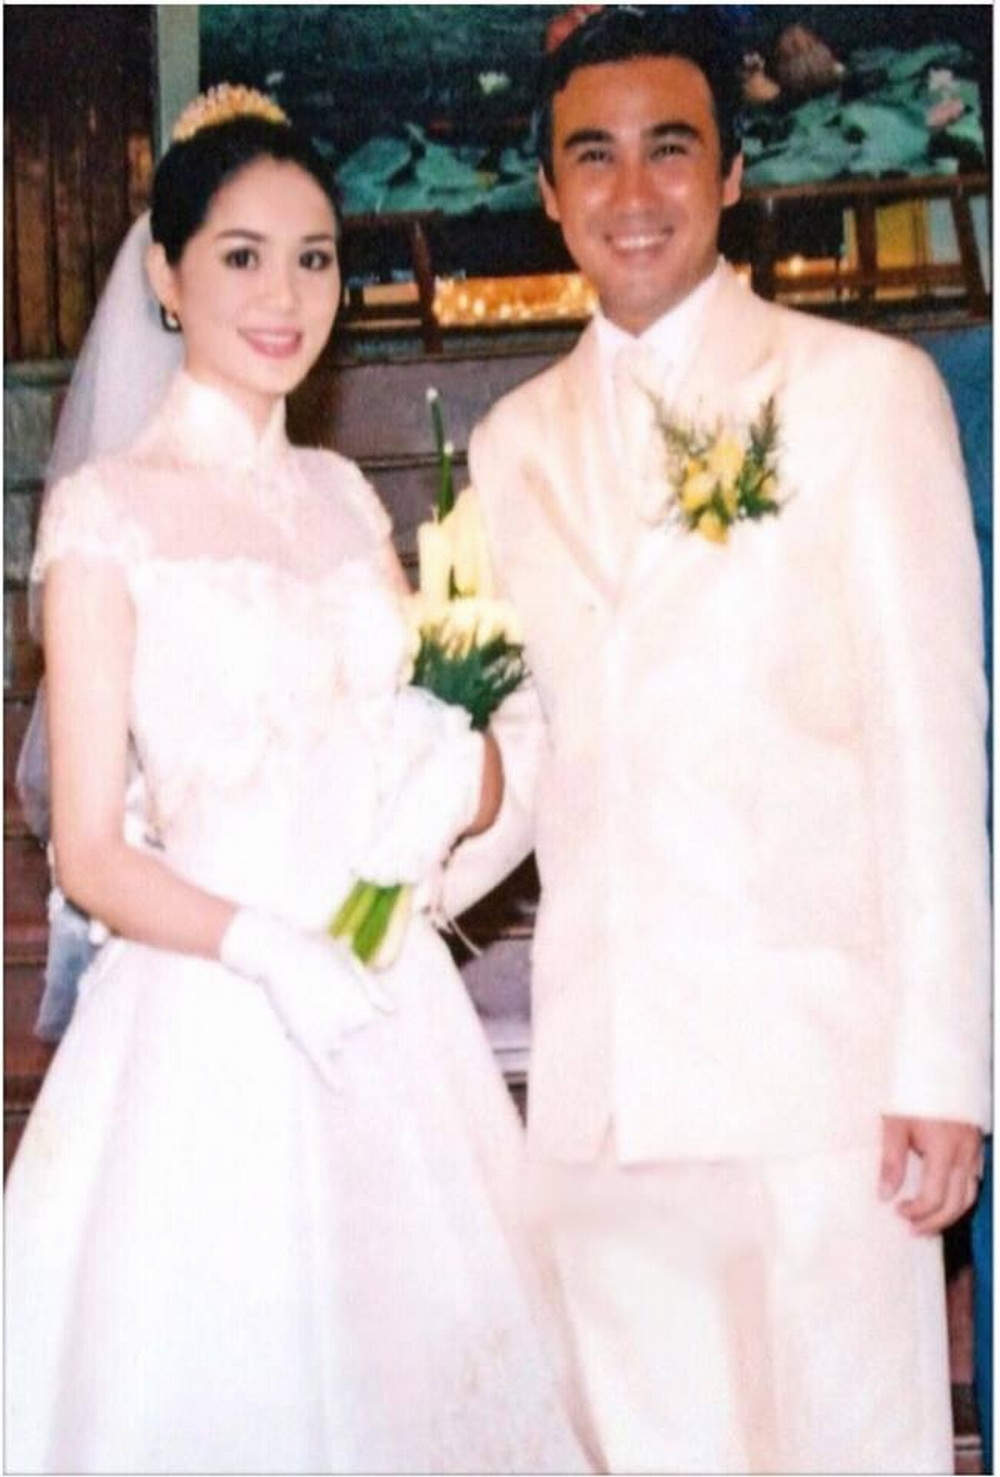 MC Quyền Linh cùng vợ kỷ niệm ngày cưới hết sức giản đơn mà đầy ngọt ngào  - Ảnh 7